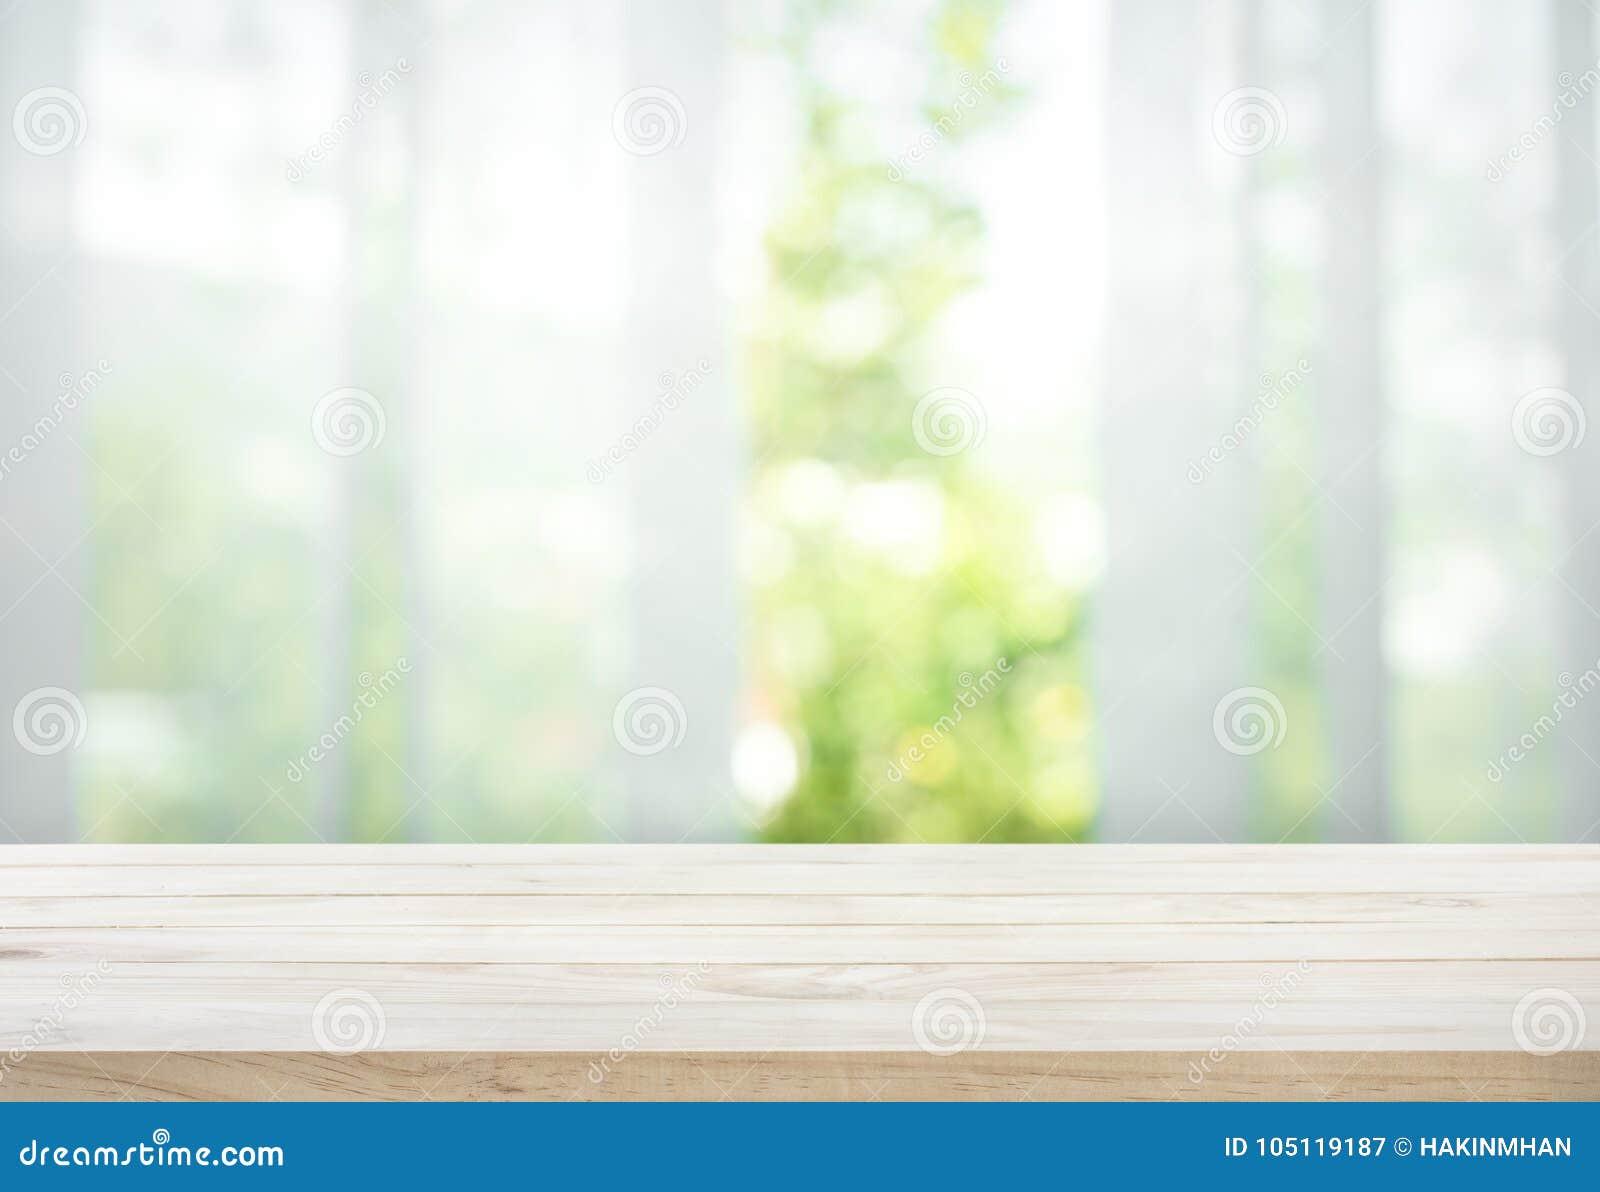 Leeg van houten lijstbovenkant bij het onduidelijke beeld van gordijn met venstermening groen van boomtuin